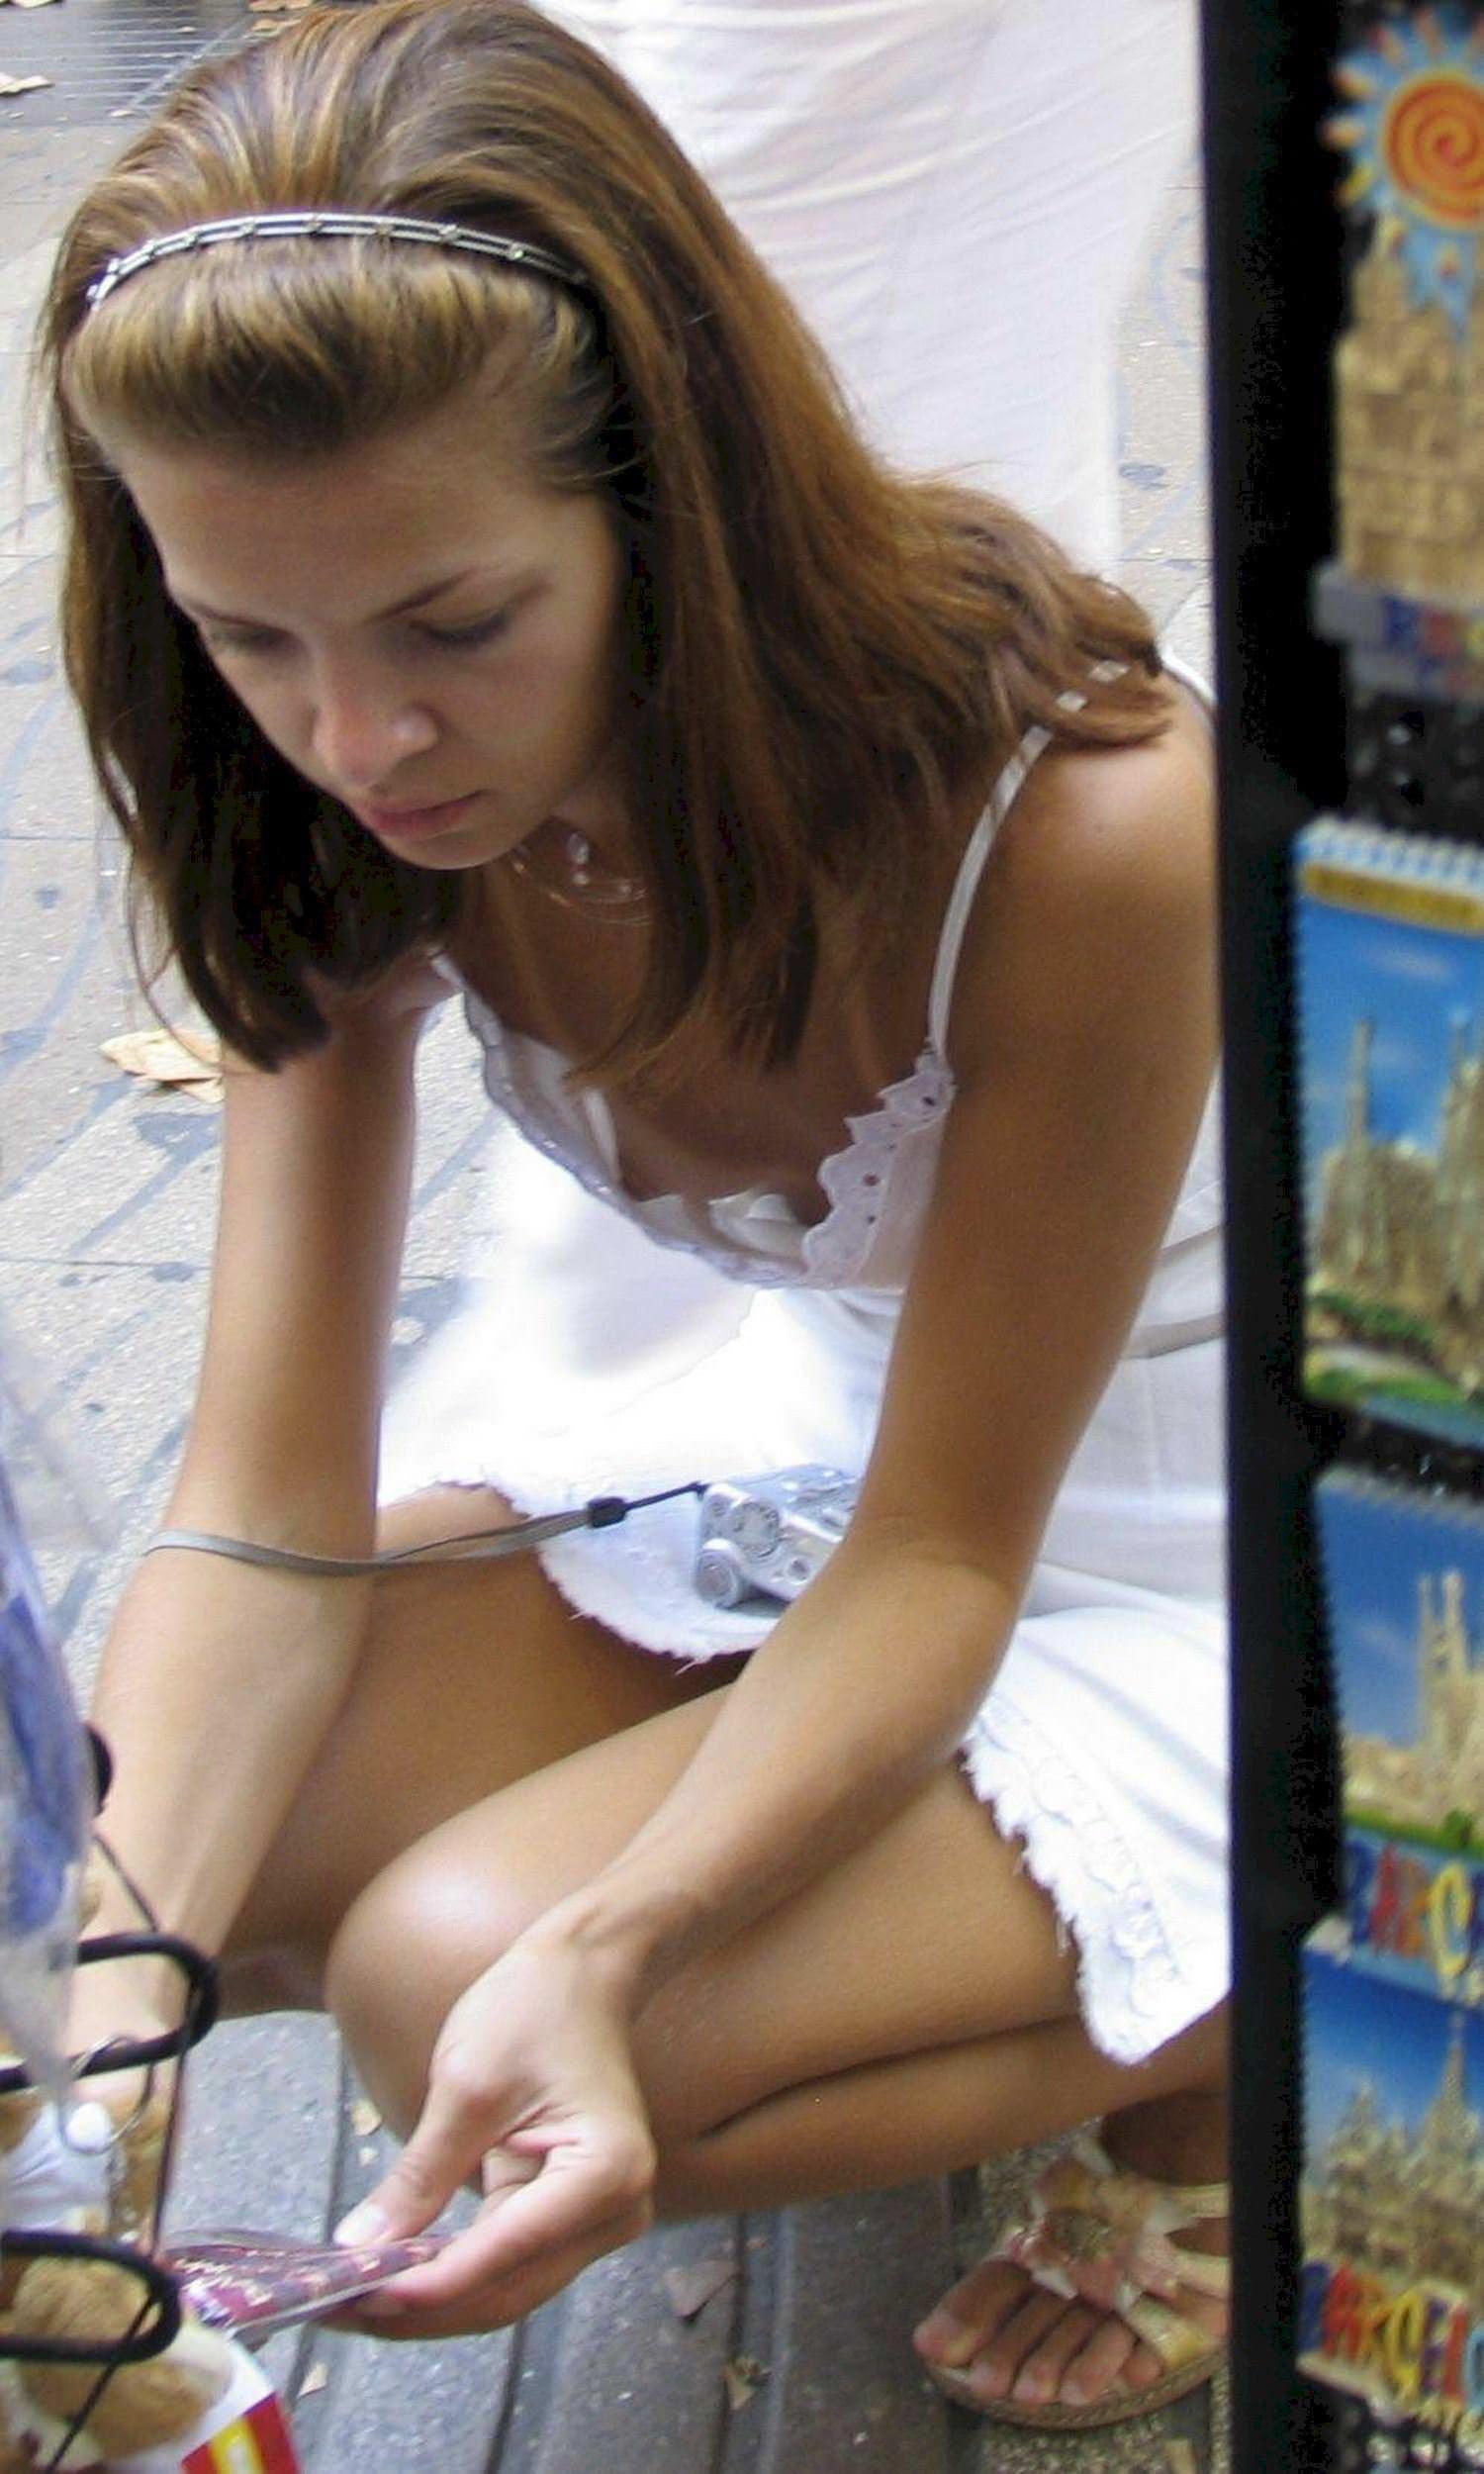 【外人】海外の素人娘たちの胸チラを激写した街撮りポルノ画像 2857